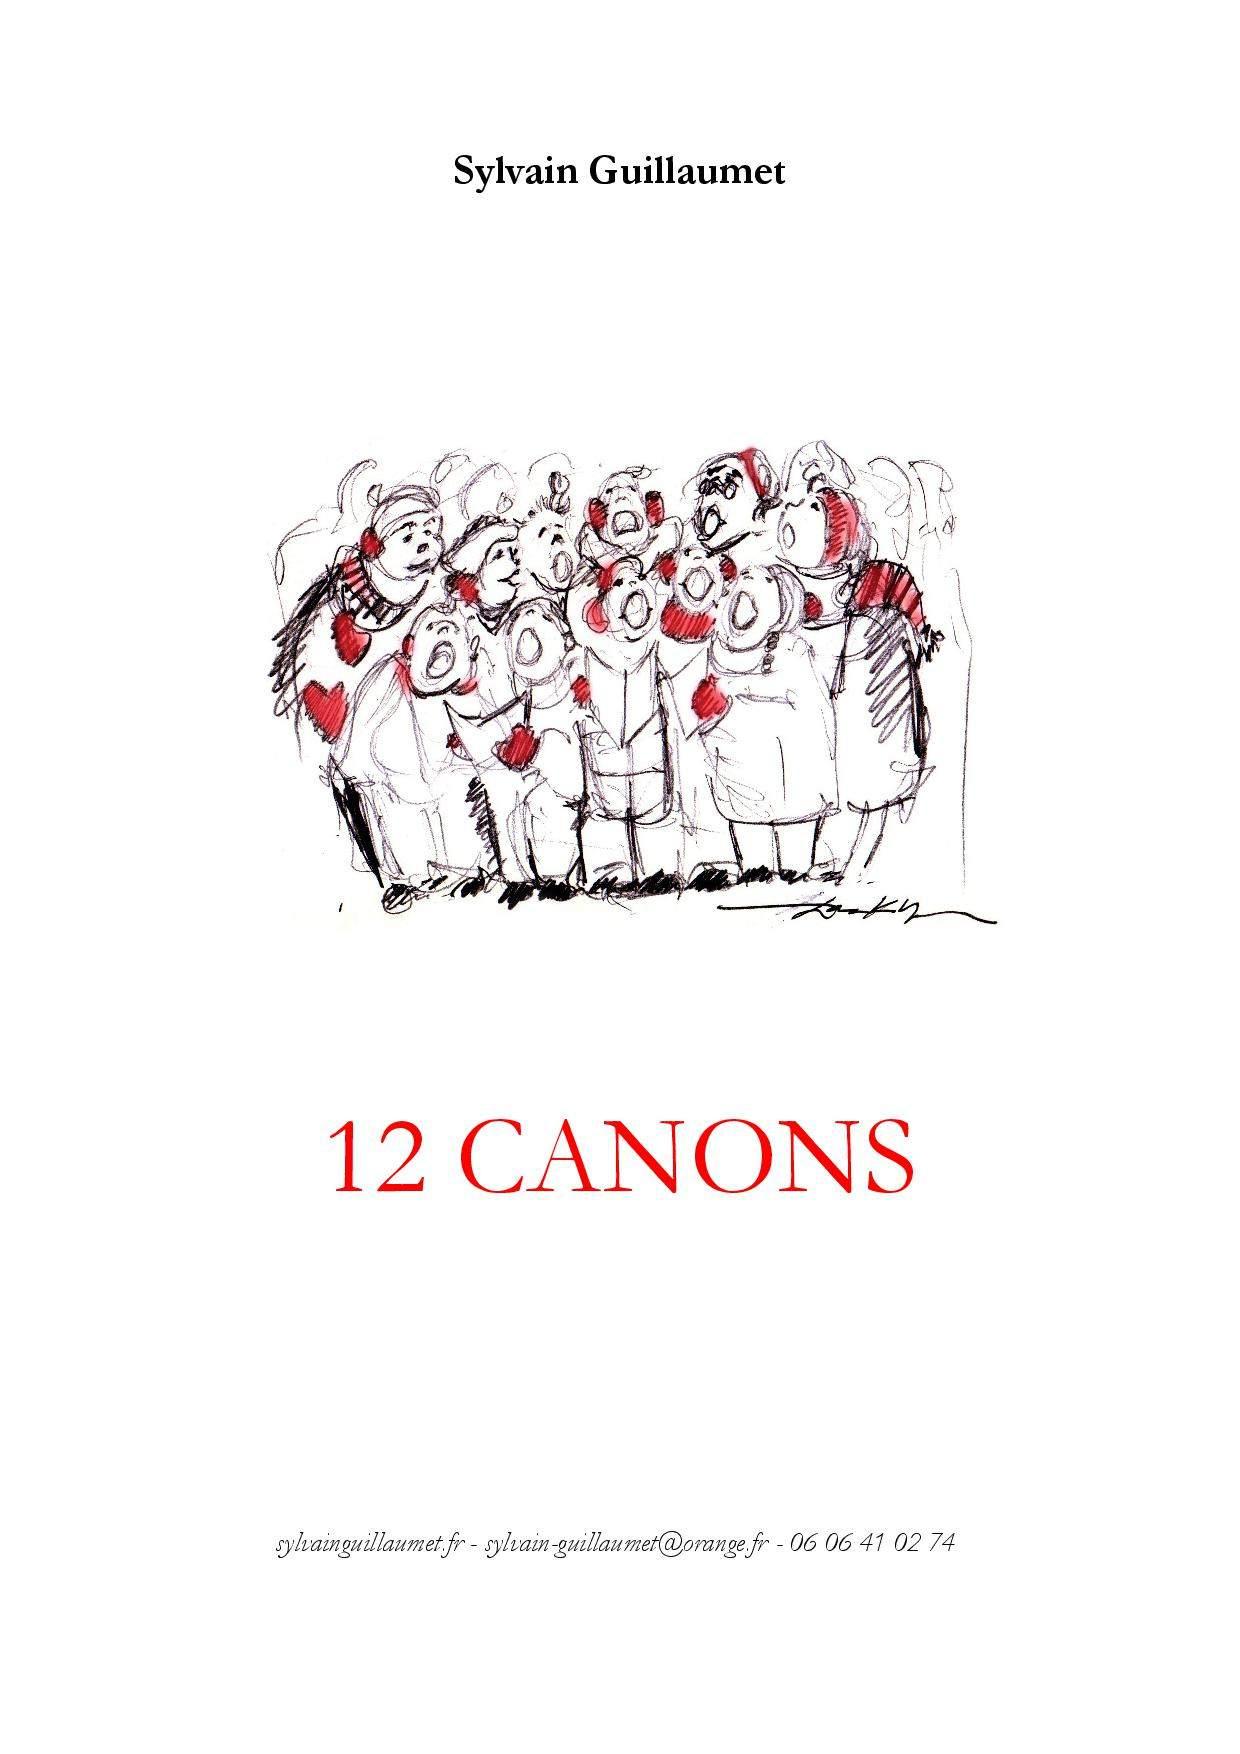 Guillaumet, Sylvain: 12 canons